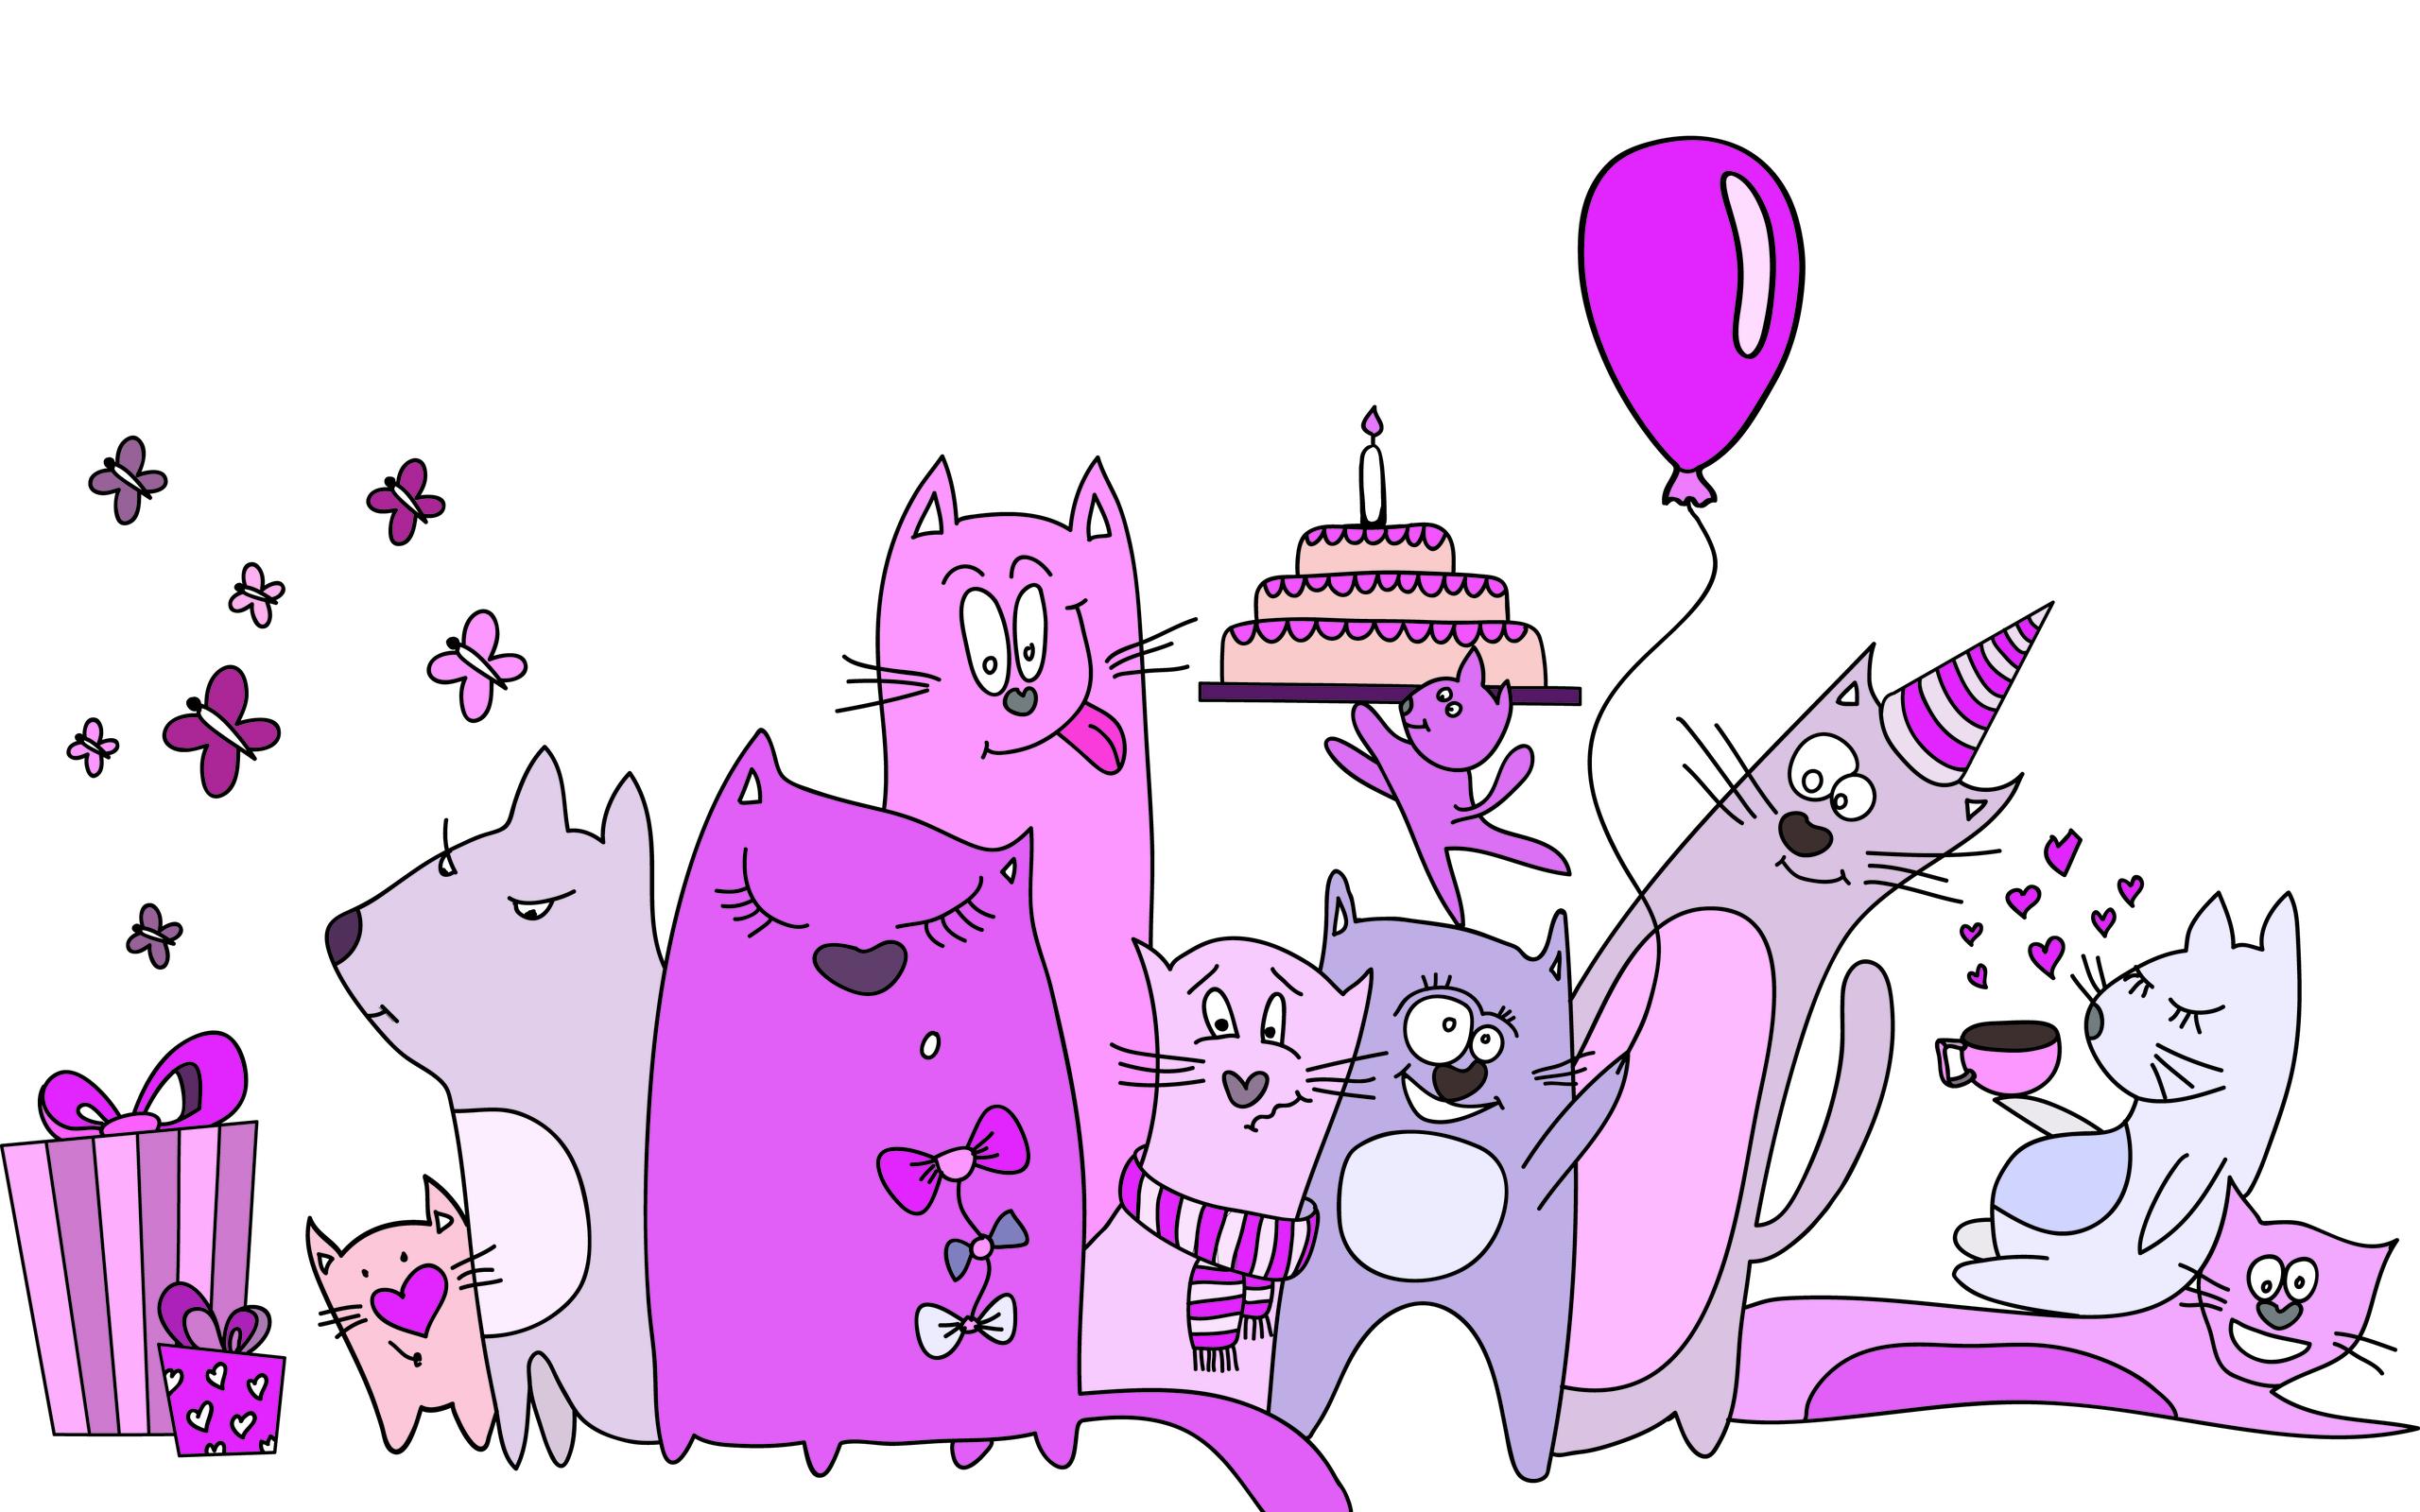 Позитивные открытки с днем рождения девушке